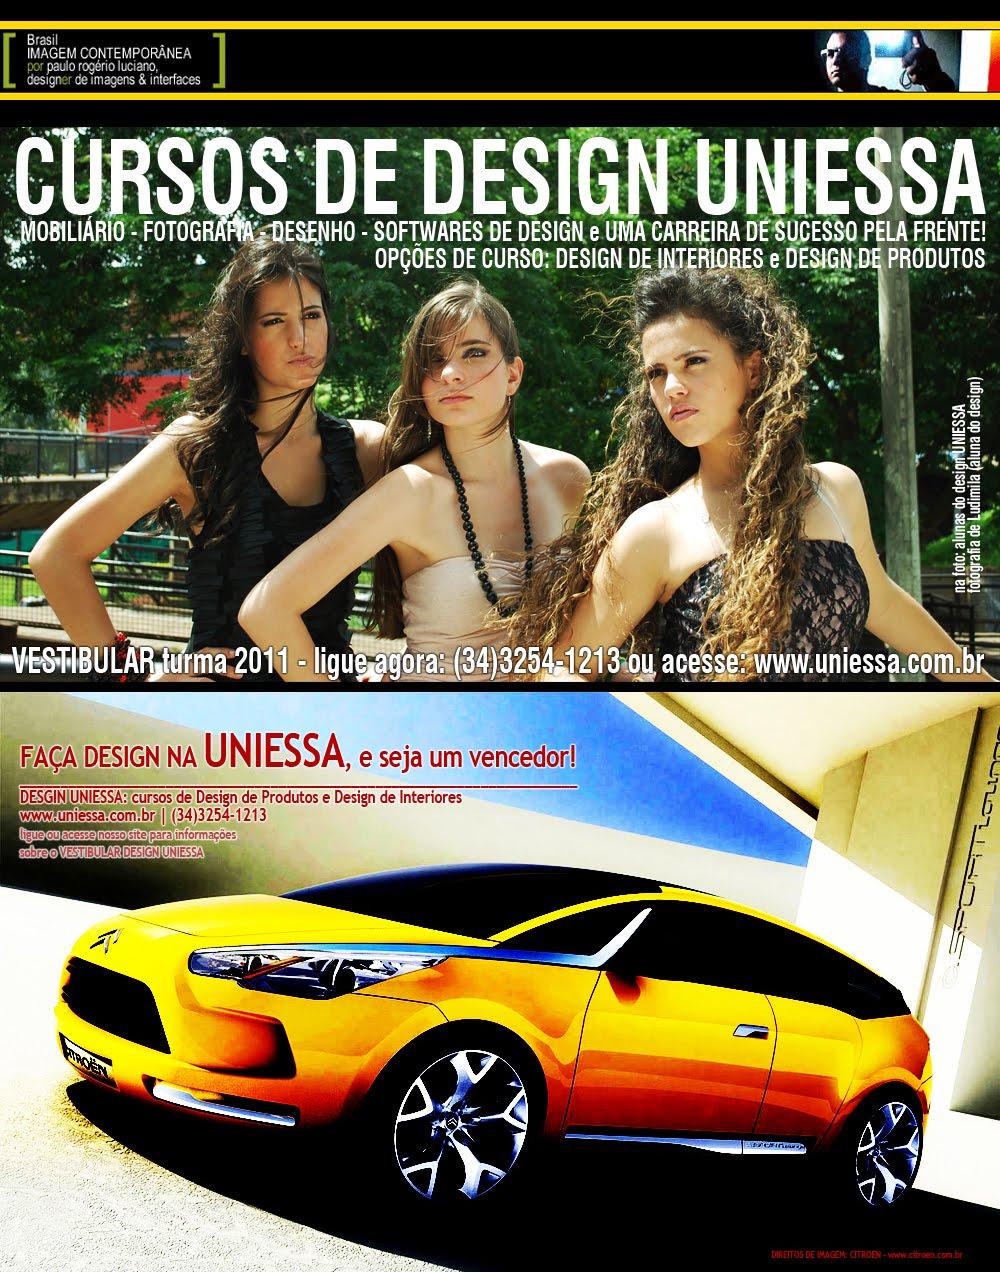 Prof.Paulo | ARTES VISUAIS | DESIGN | FOTOGRAFIA | COMUNICAÇÃO | WEB 2.0 | REDES SOCIAIS | DESENHOS